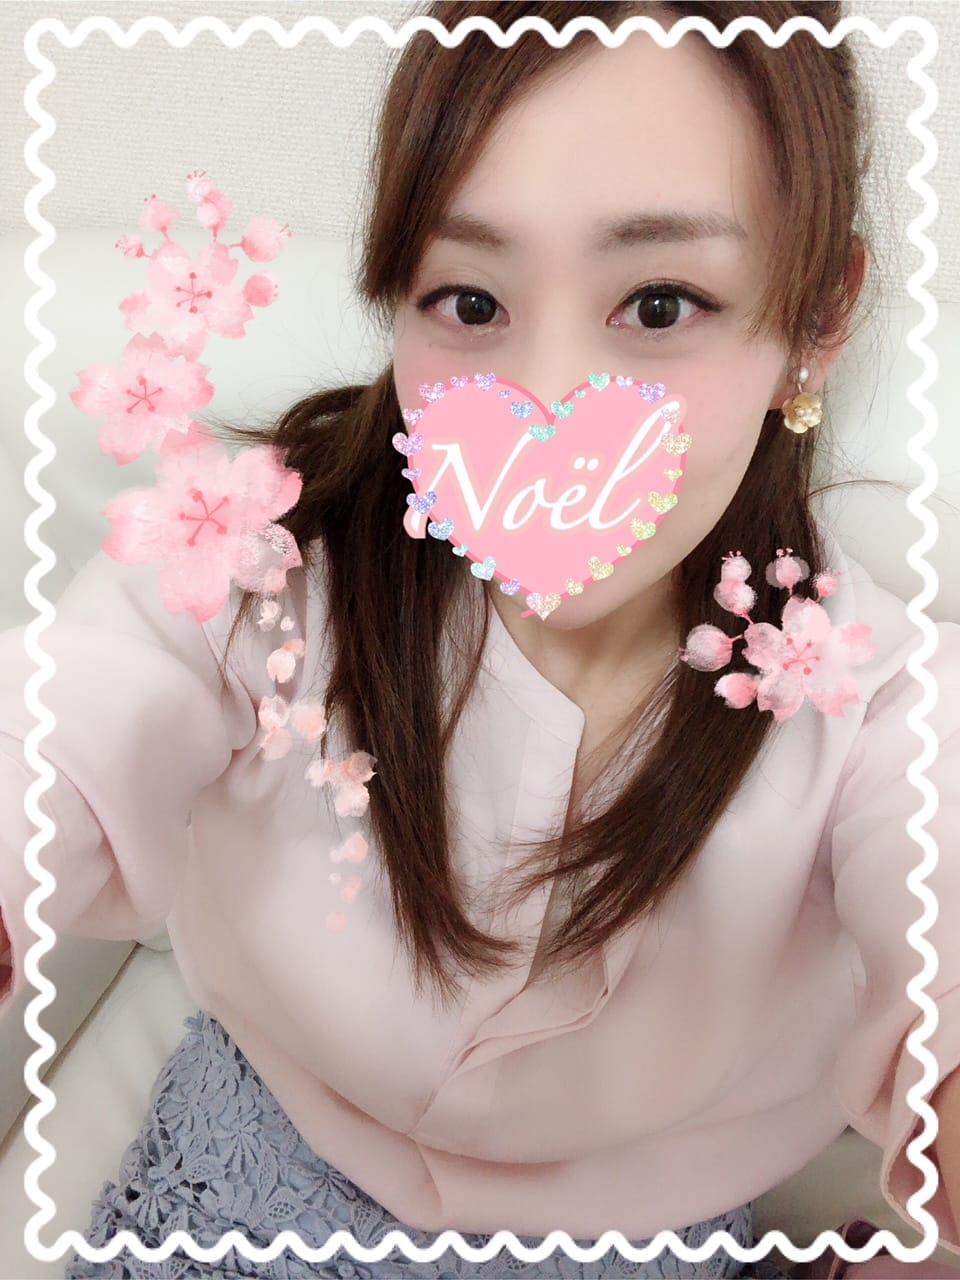 「こんばんは?」04/03(火) 21:15 | のえるの写メ・風俗動画